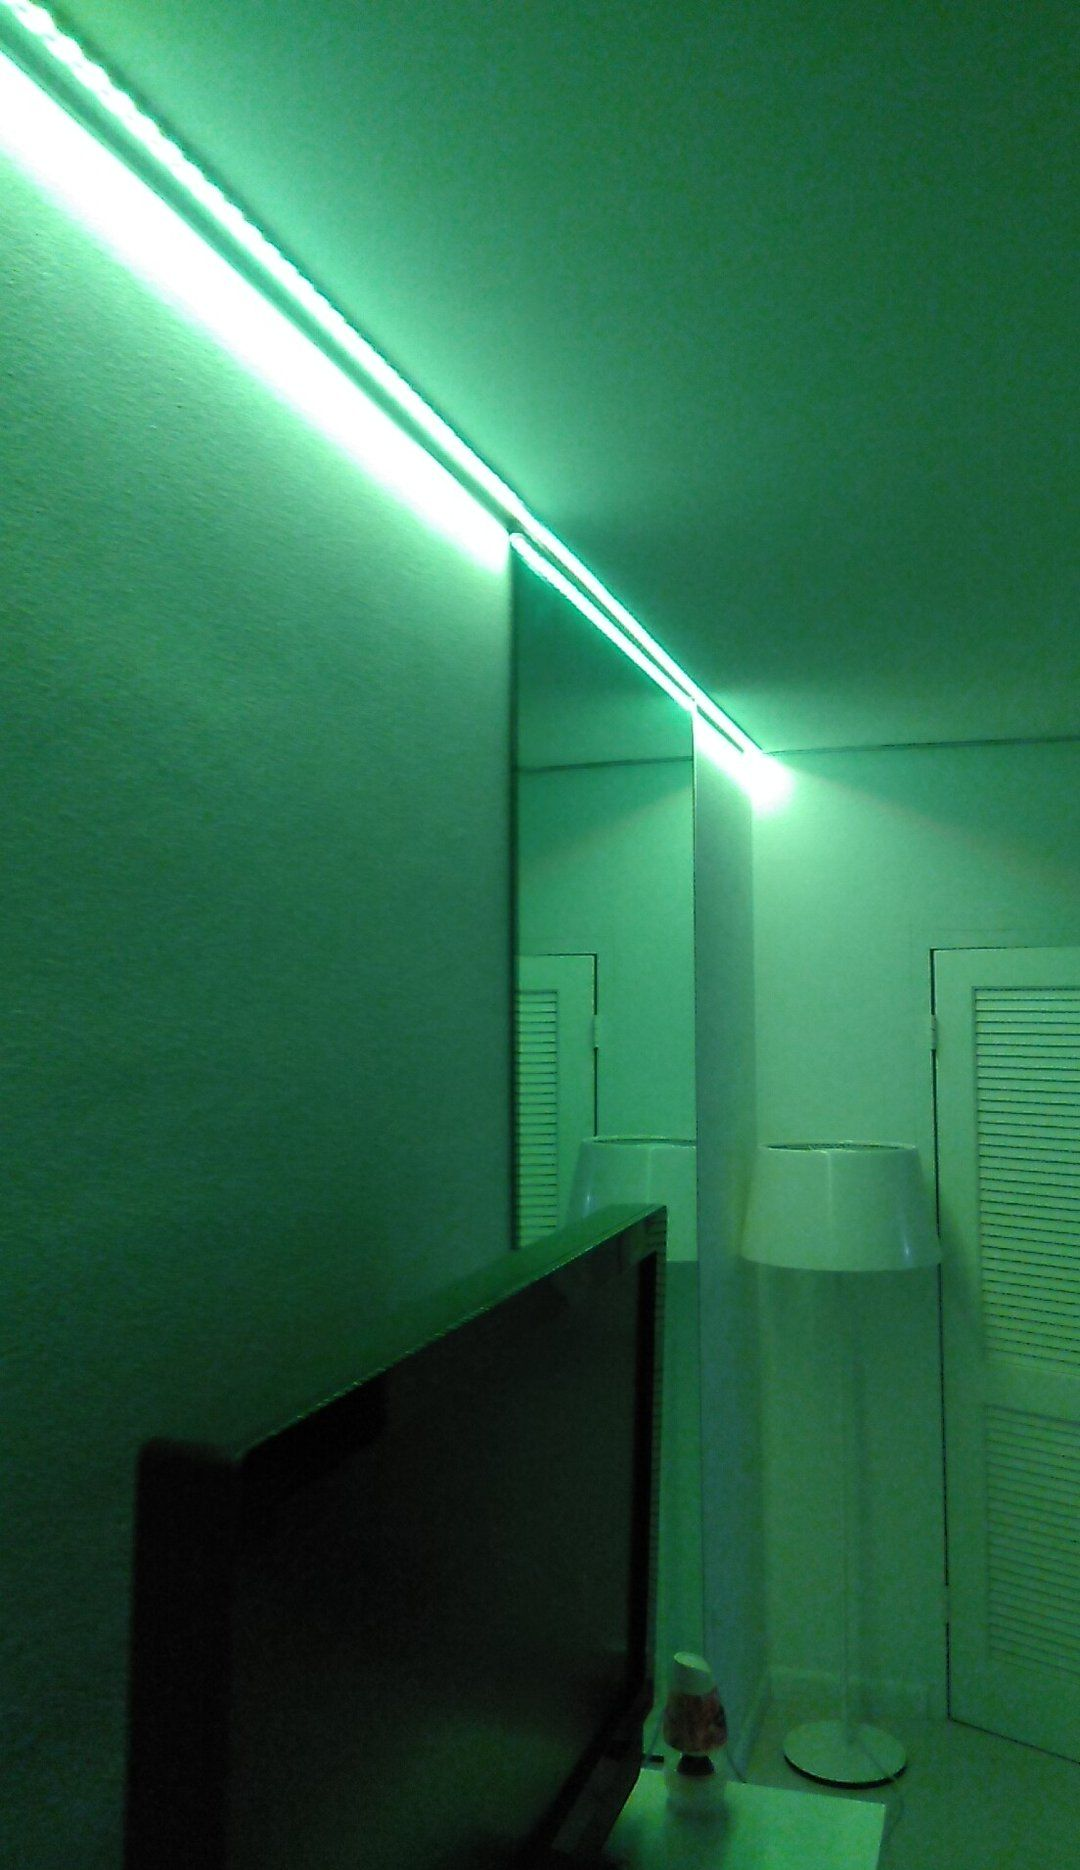 Led Strip Lights Led Color Changing Lights Led Strip Lighting Color Changing Lights